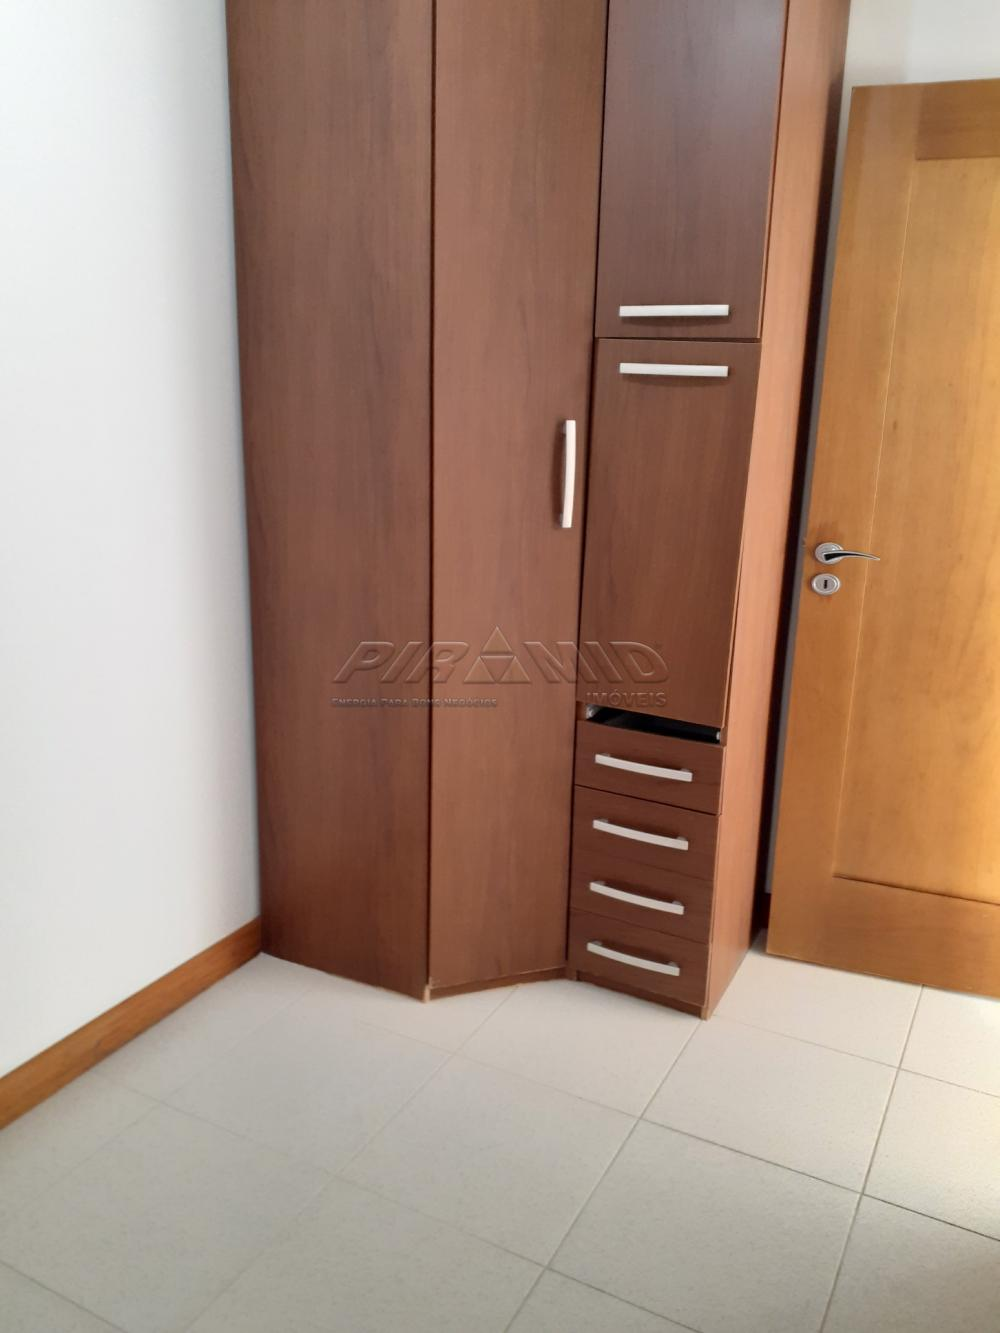 Comprar Casa / Condomínio em Ribeirão Preto apenas R$ 4.800.000,00 - Foto 17